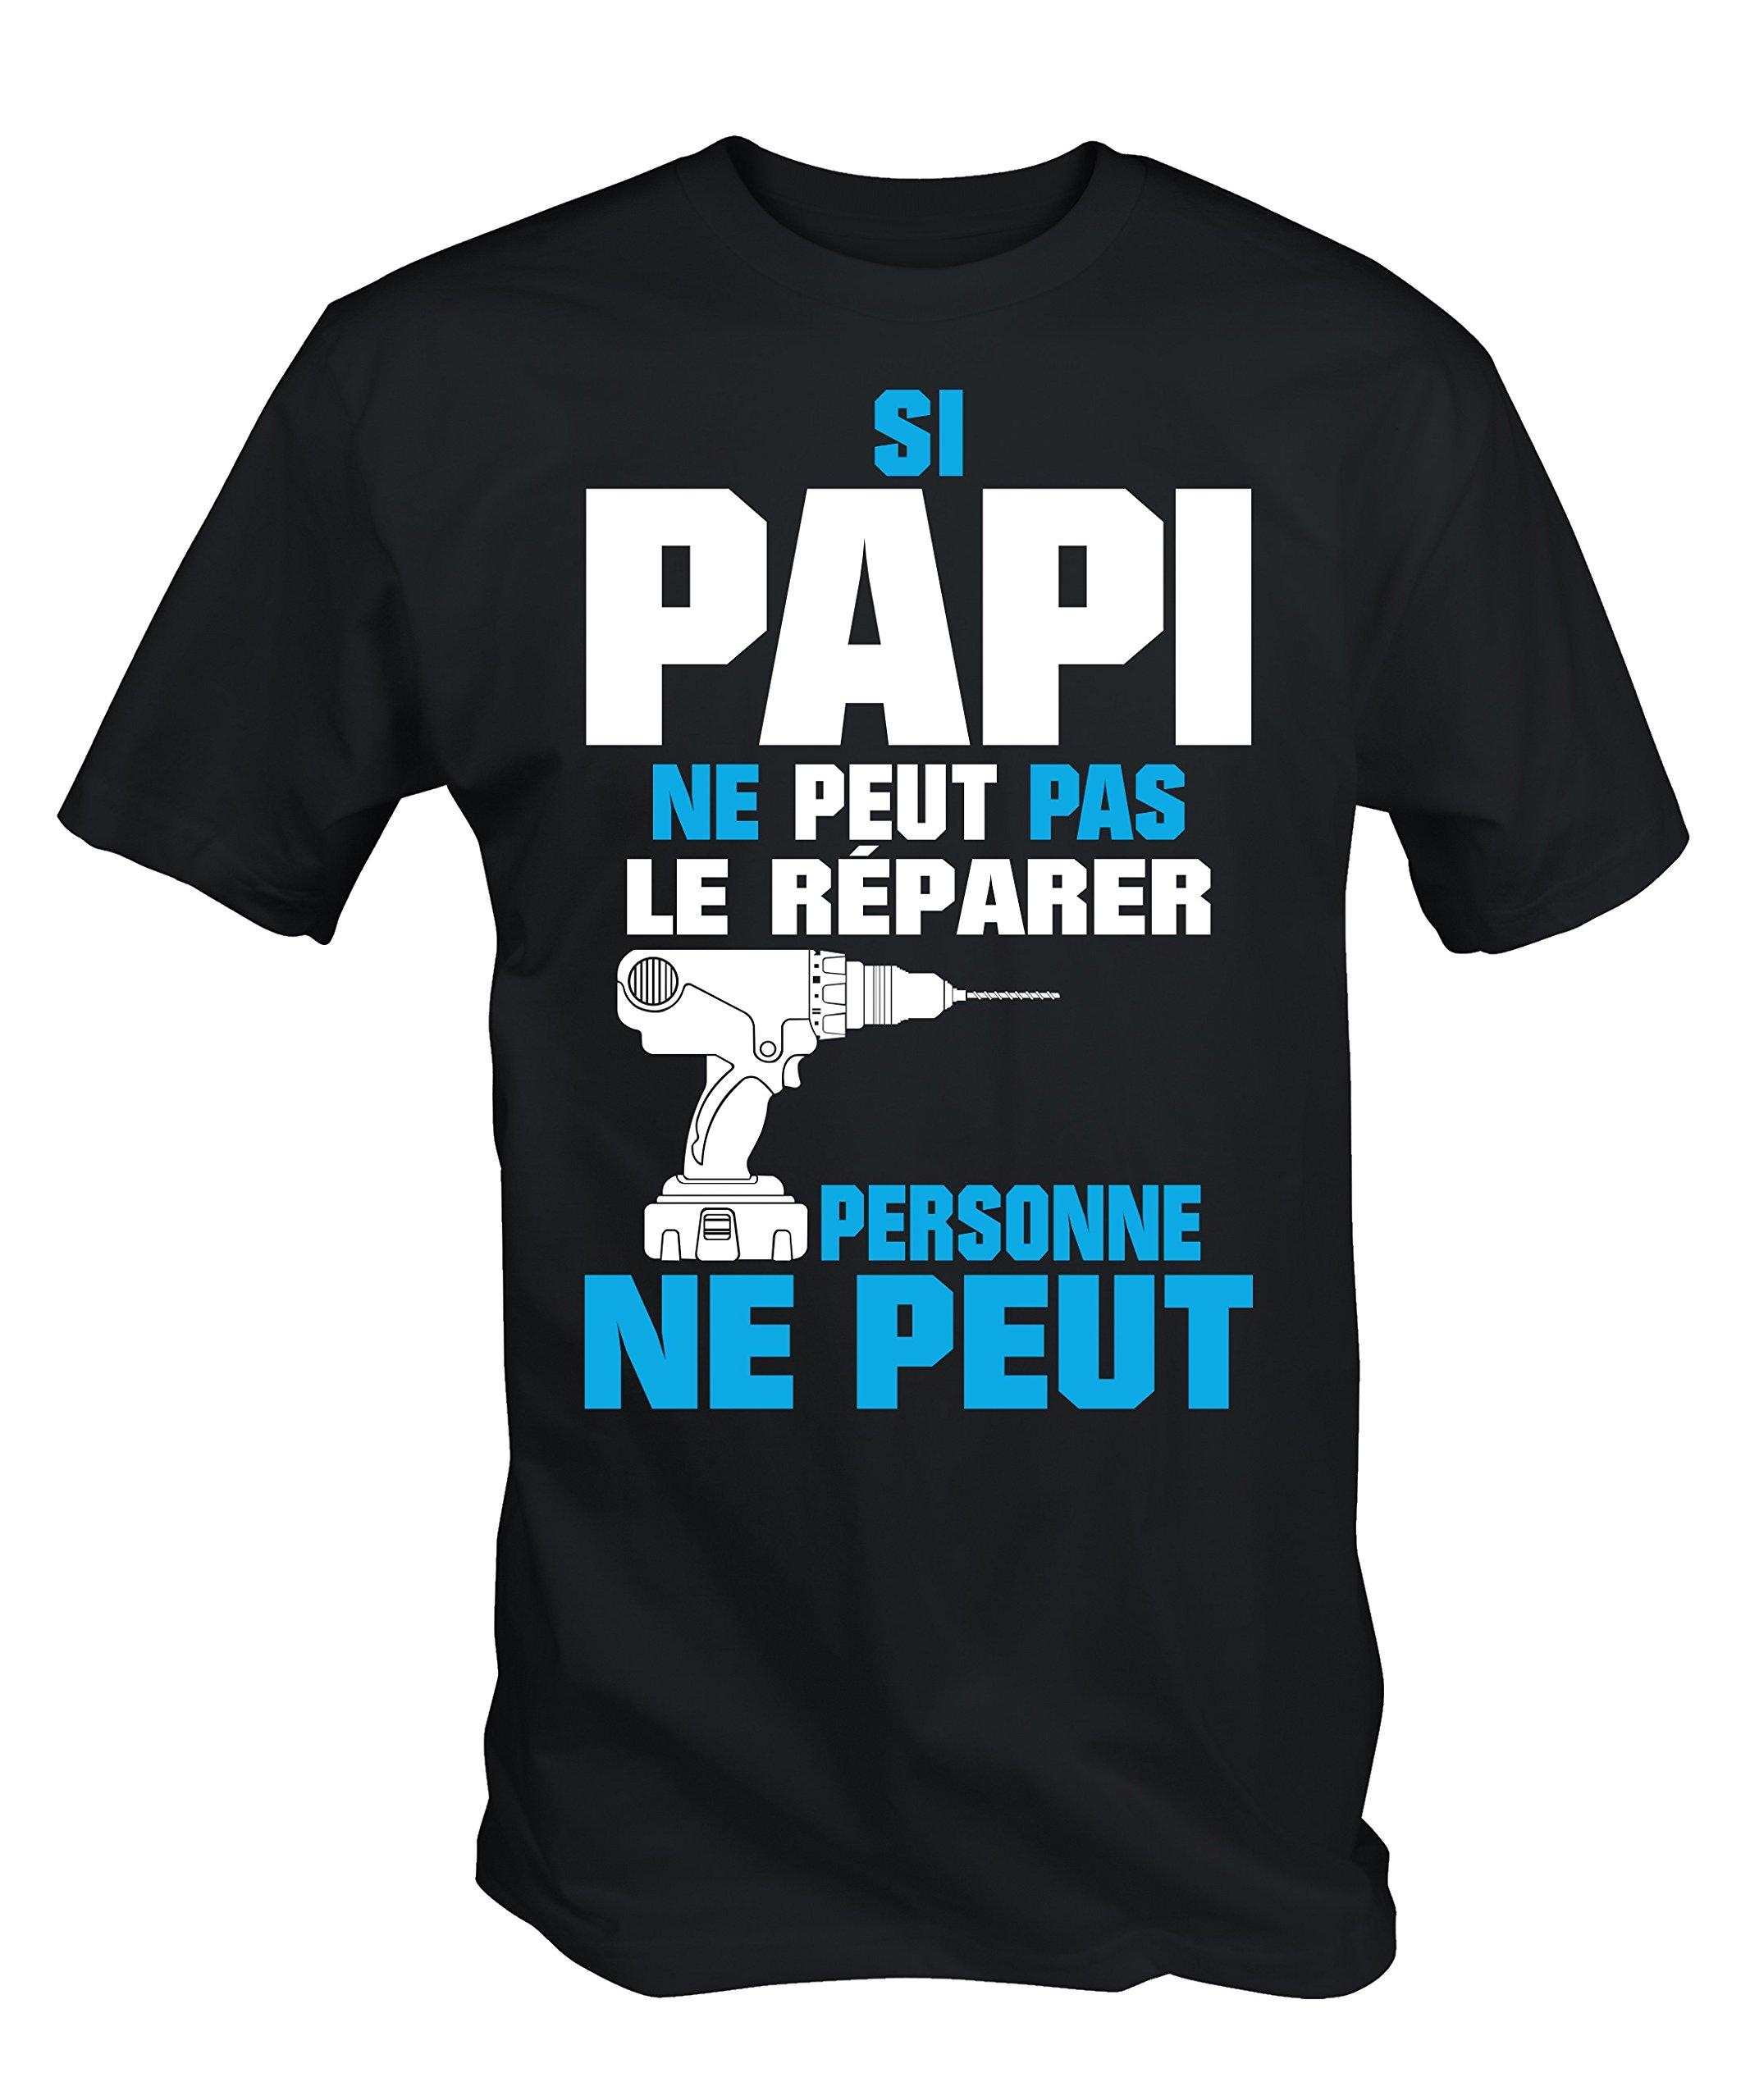 049460415e 6TN Si Papi Ne Peut Pas Le Repairer Personne Ne Peut T- Shirt